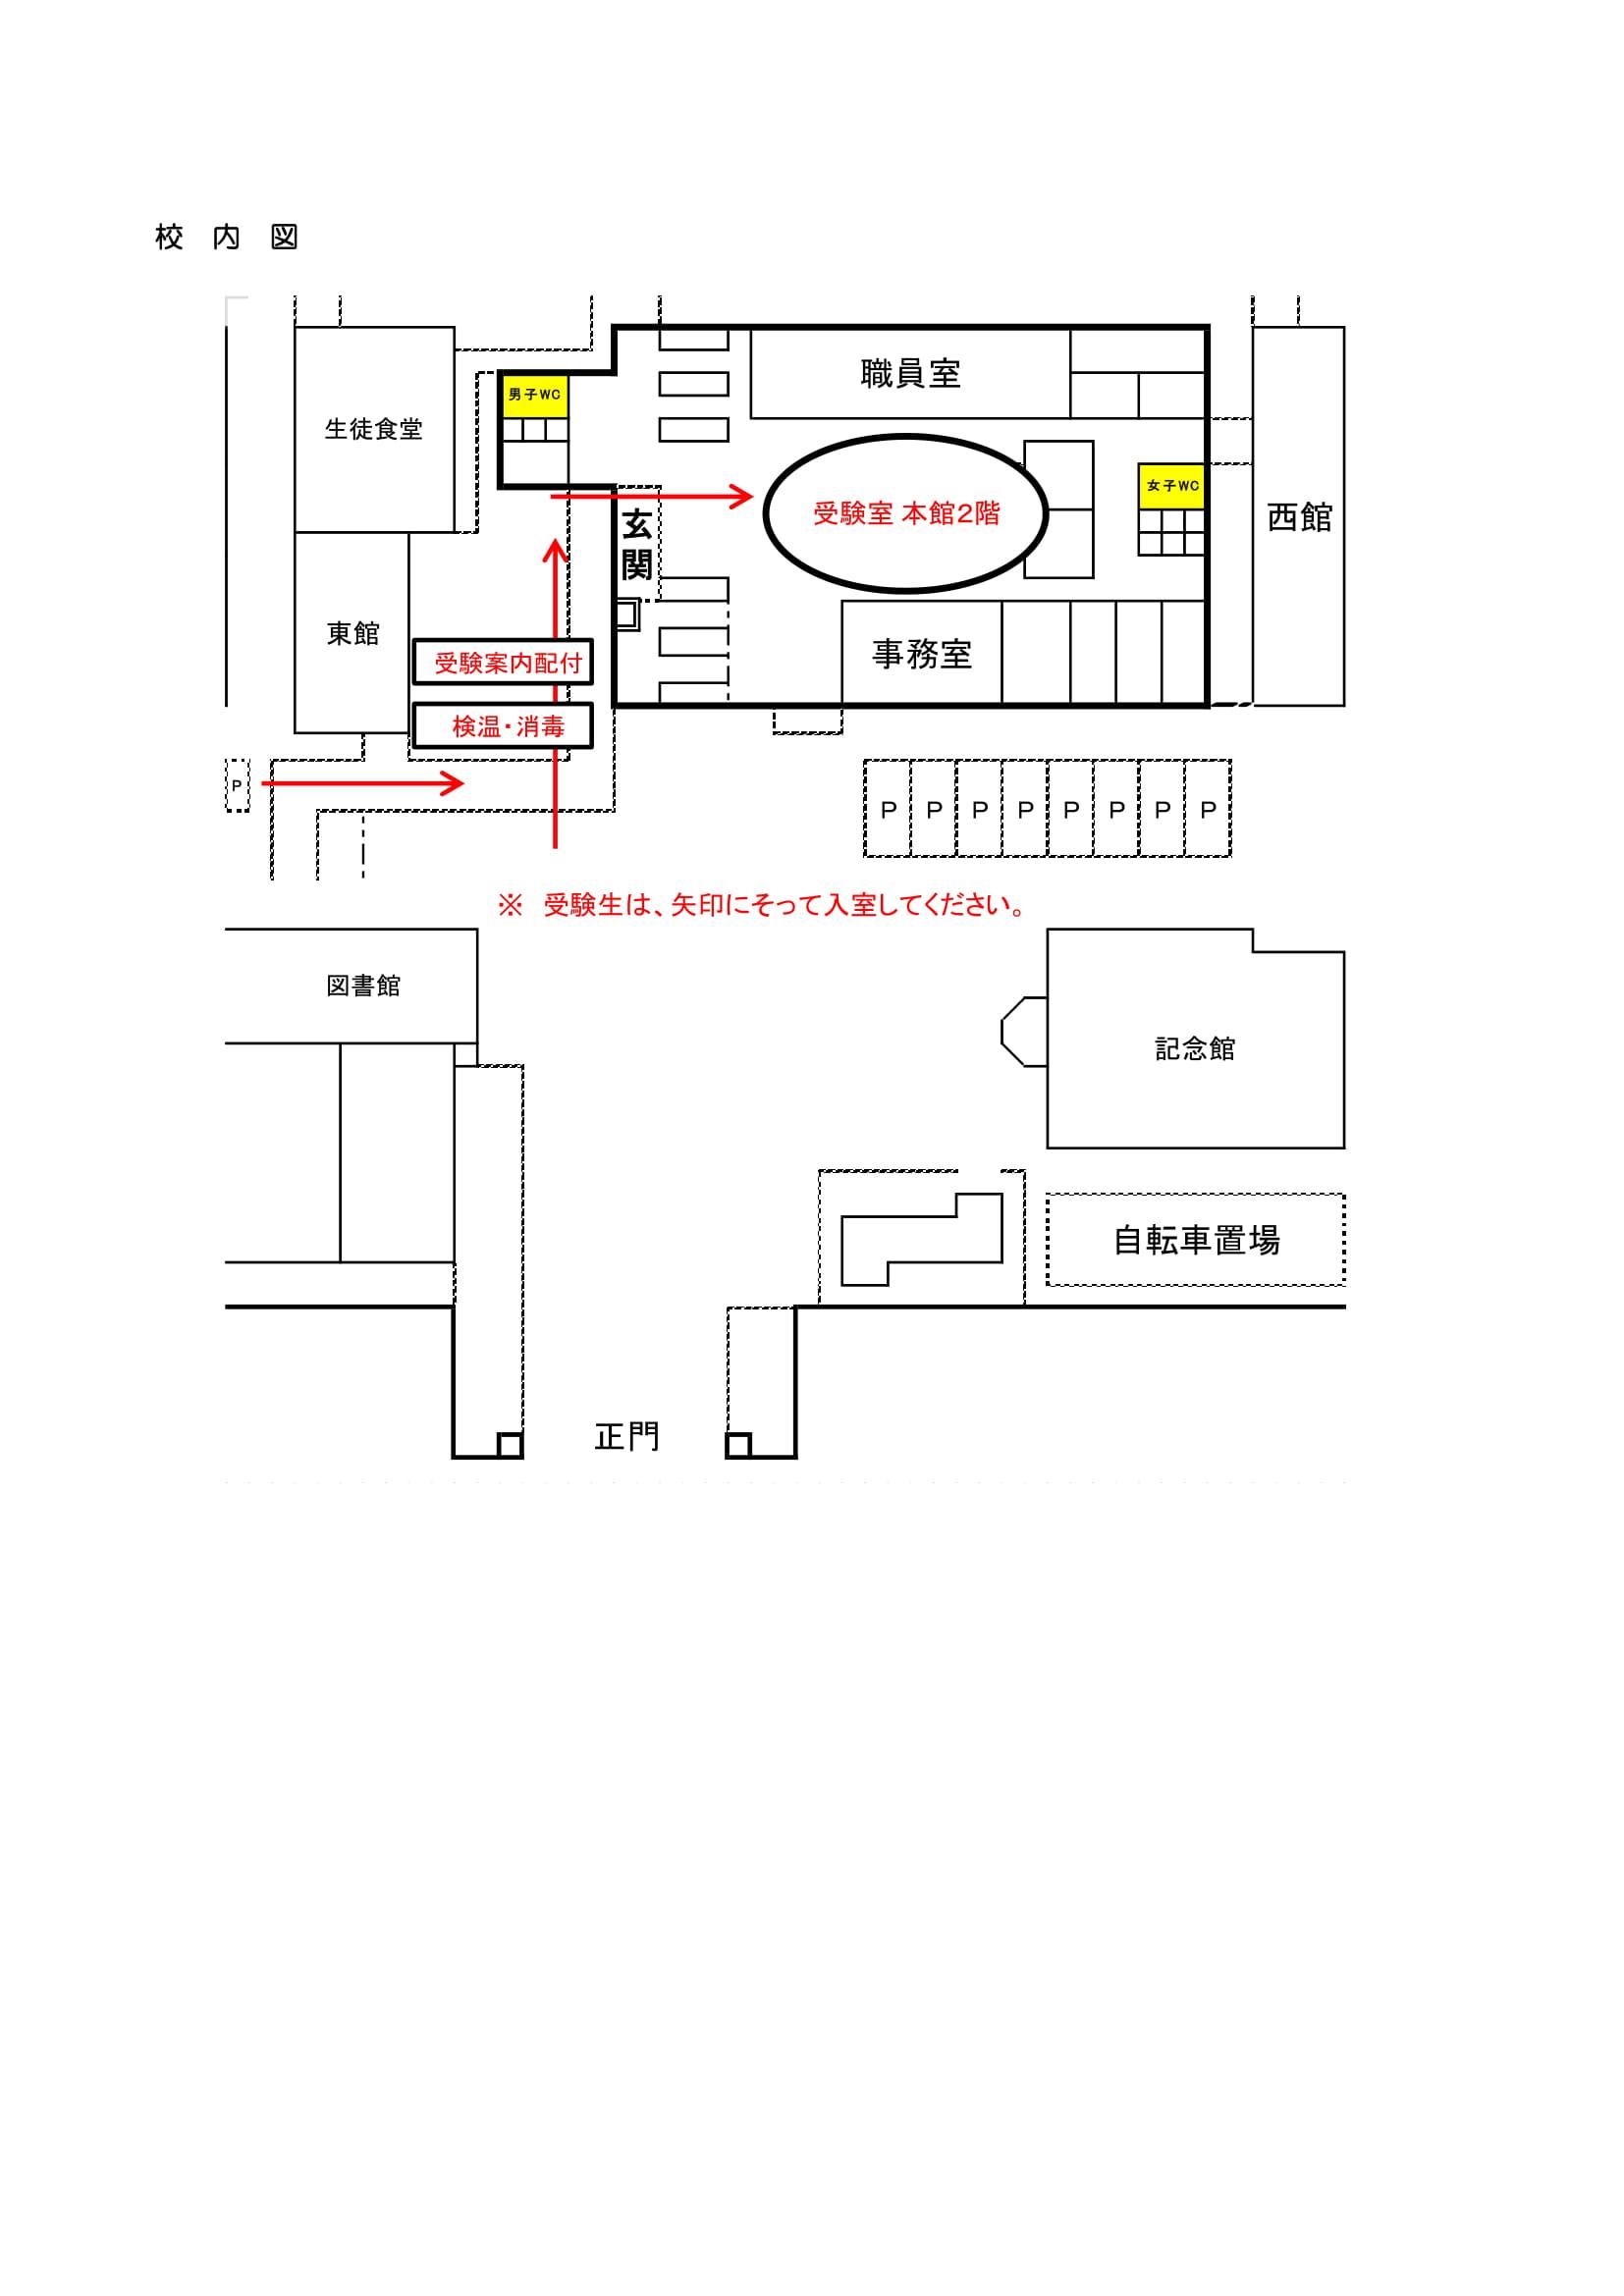 山陽学園中学校2期入試連絡②